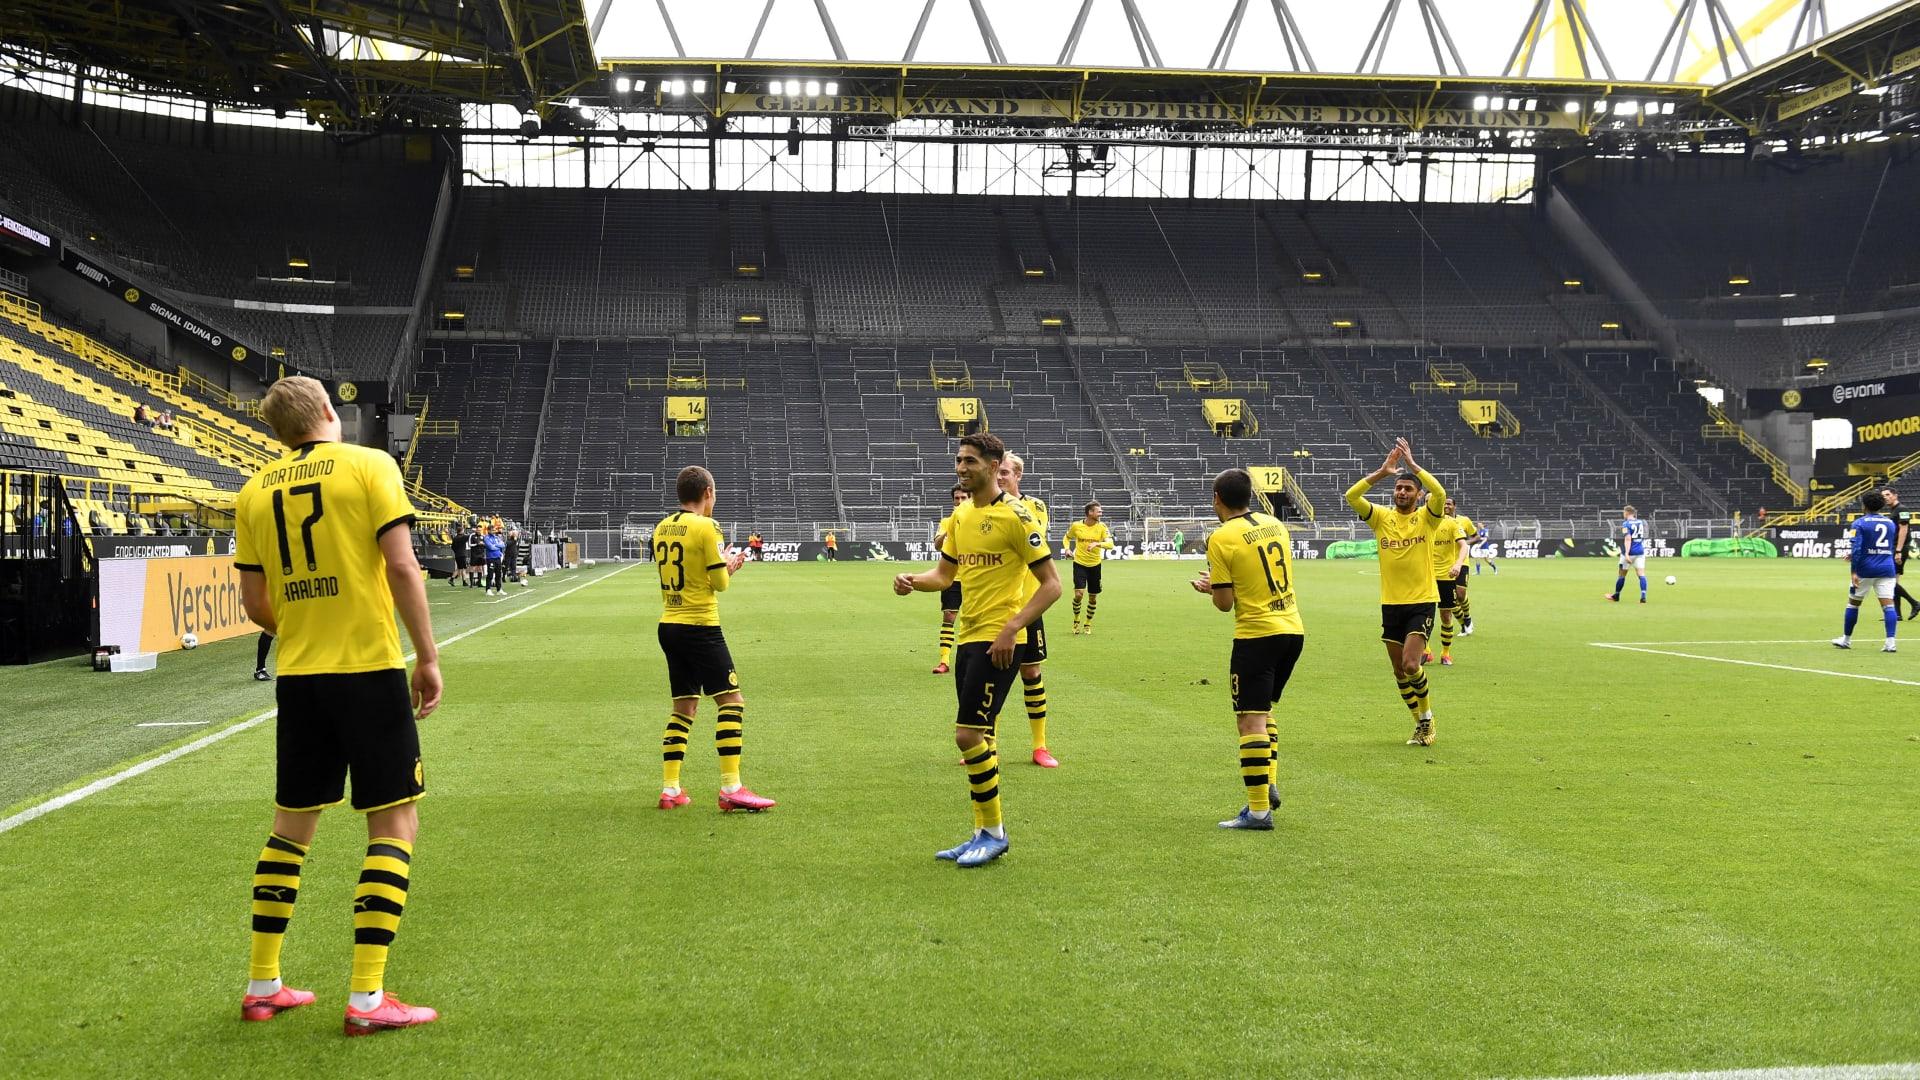 عودة الدوري الألماني.. ما الذي تغيربكرة القدم بعد كورونا في مباراة دورتموند وشالكة؟